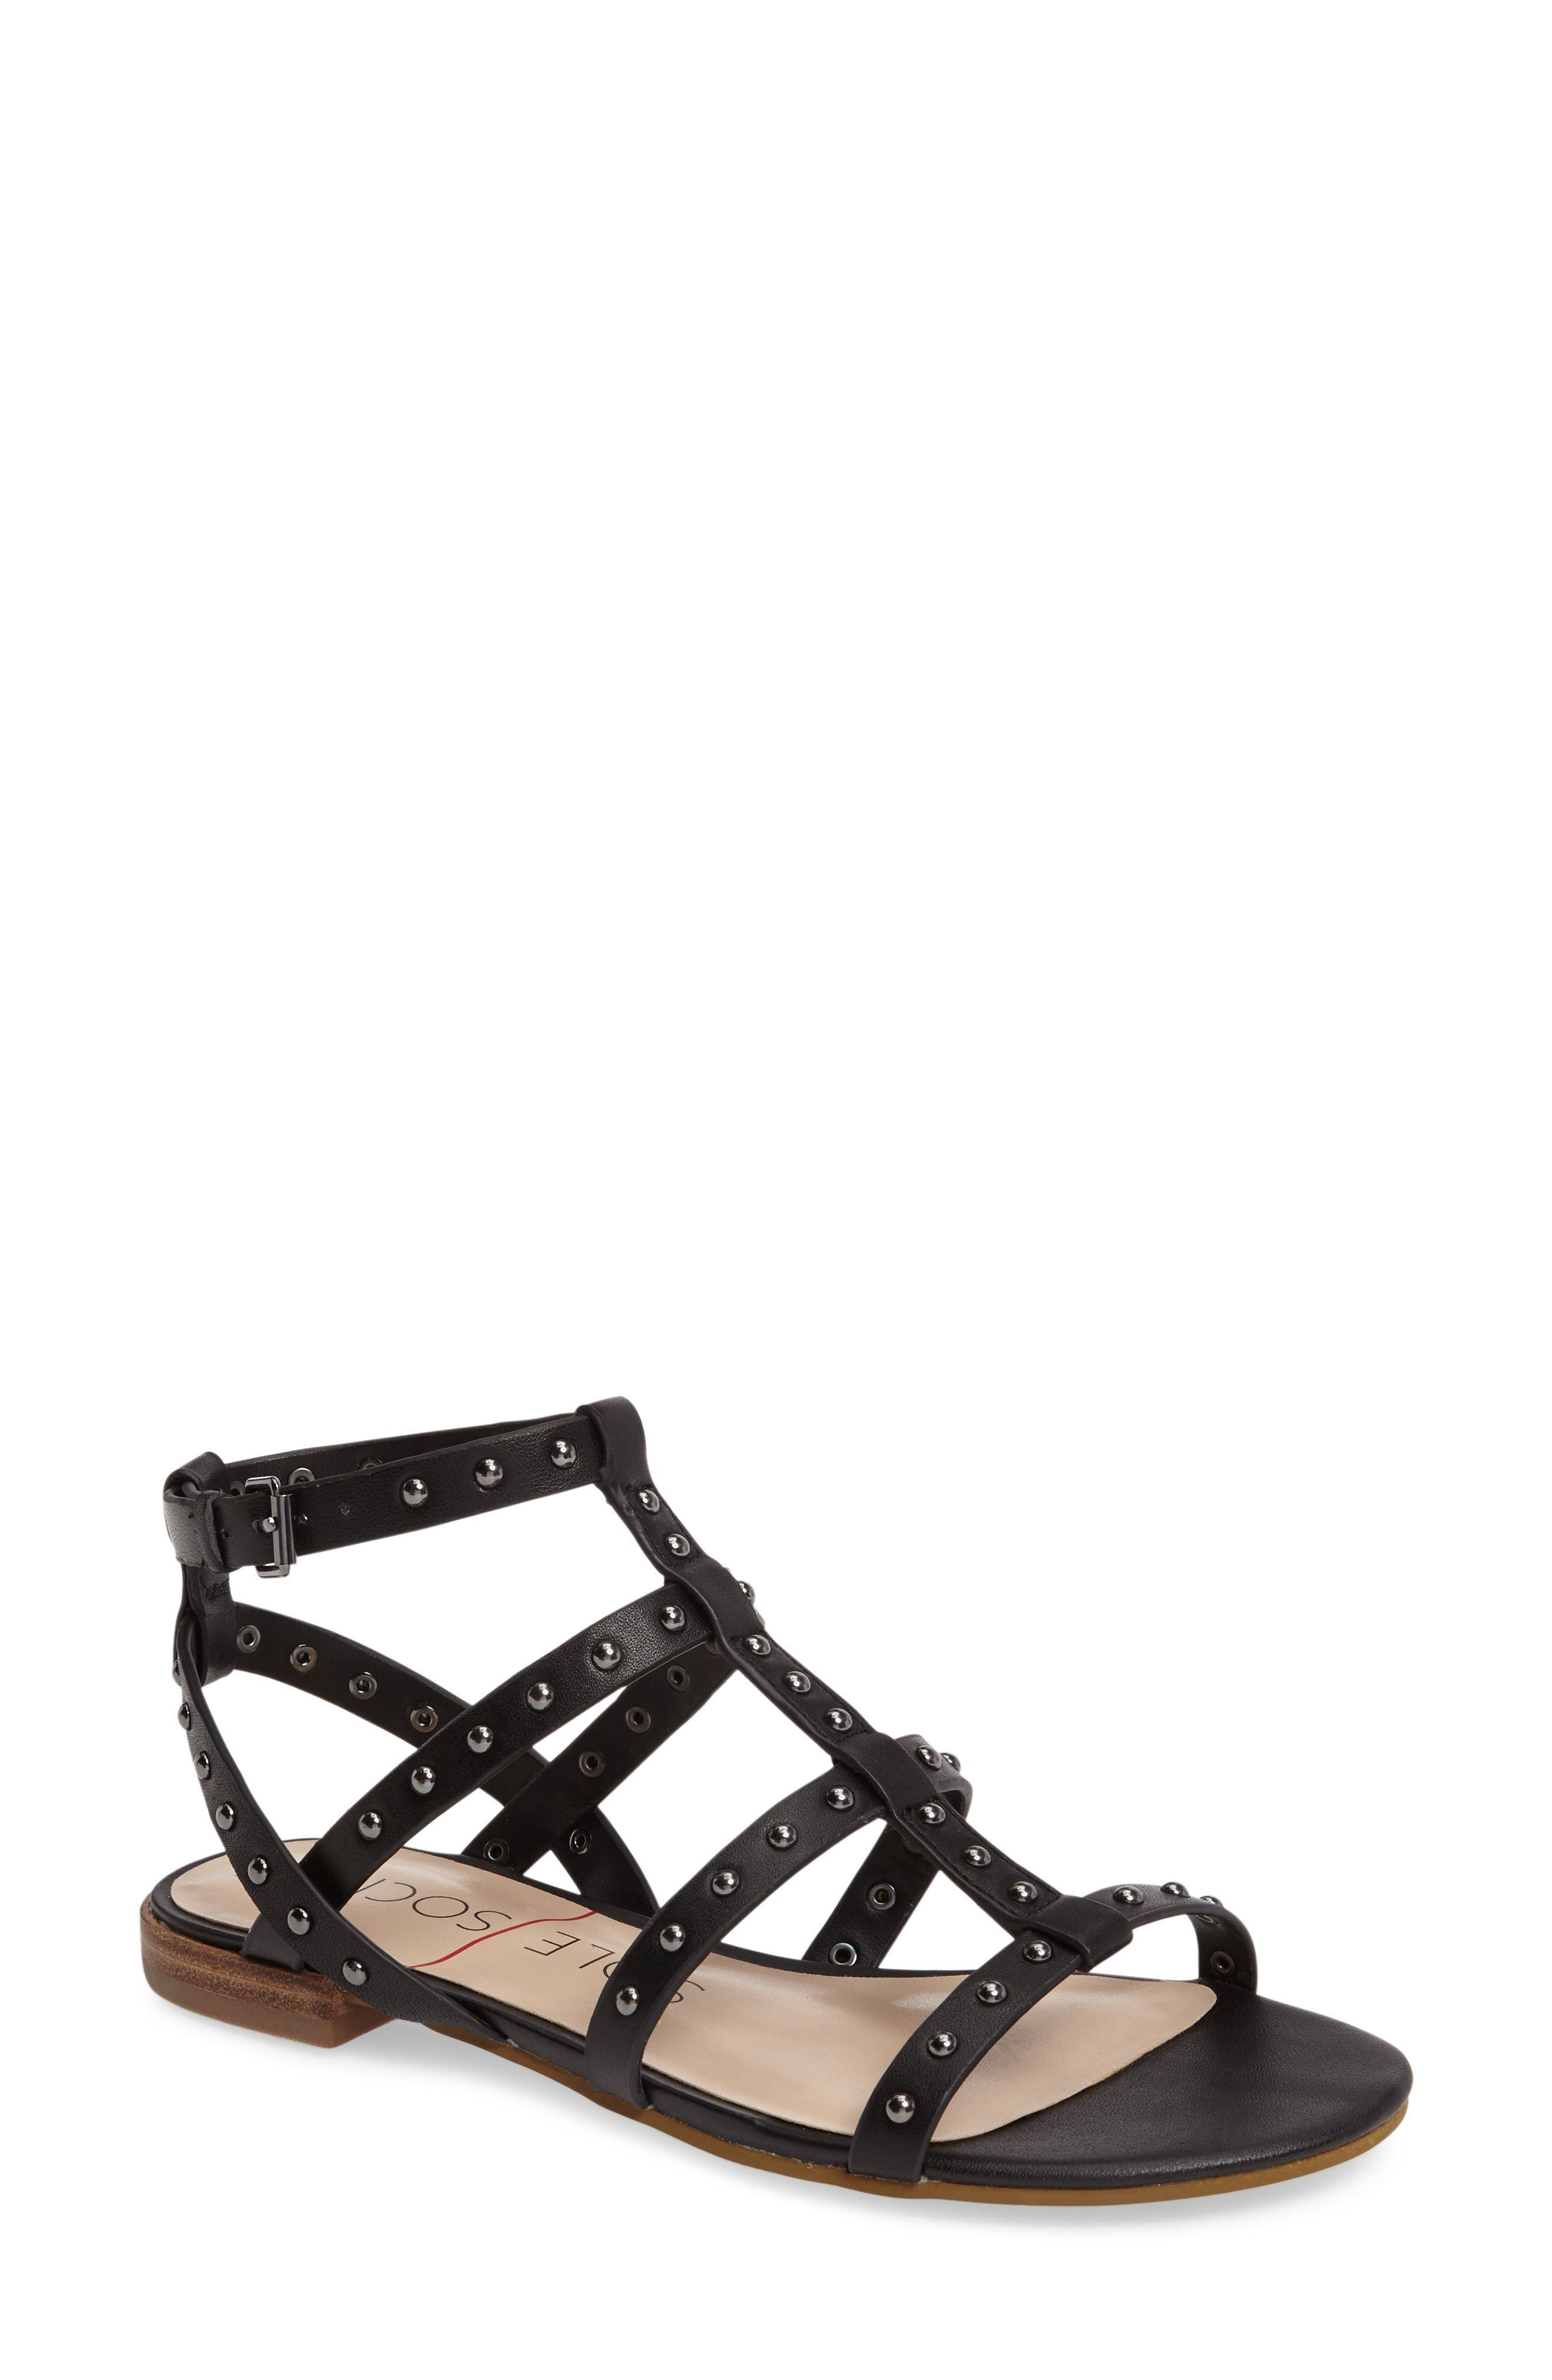 Celine Sandal,                             Main thumbnail 1, color,                             Black Leather